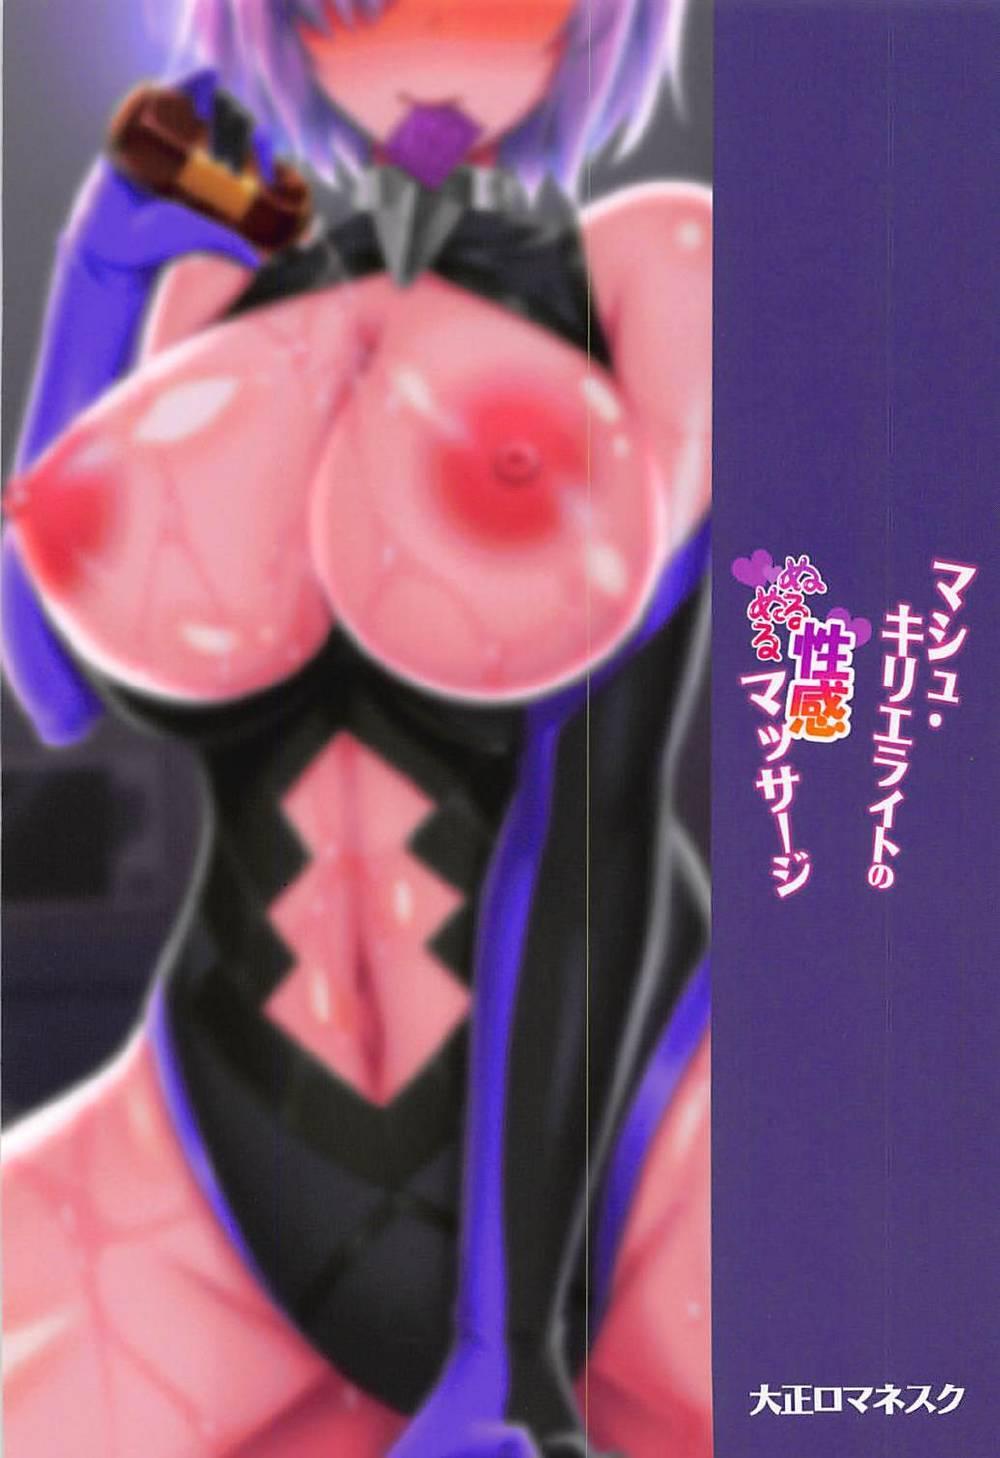 Mash Kyrielight no Nurunuru Seikan Massage 21